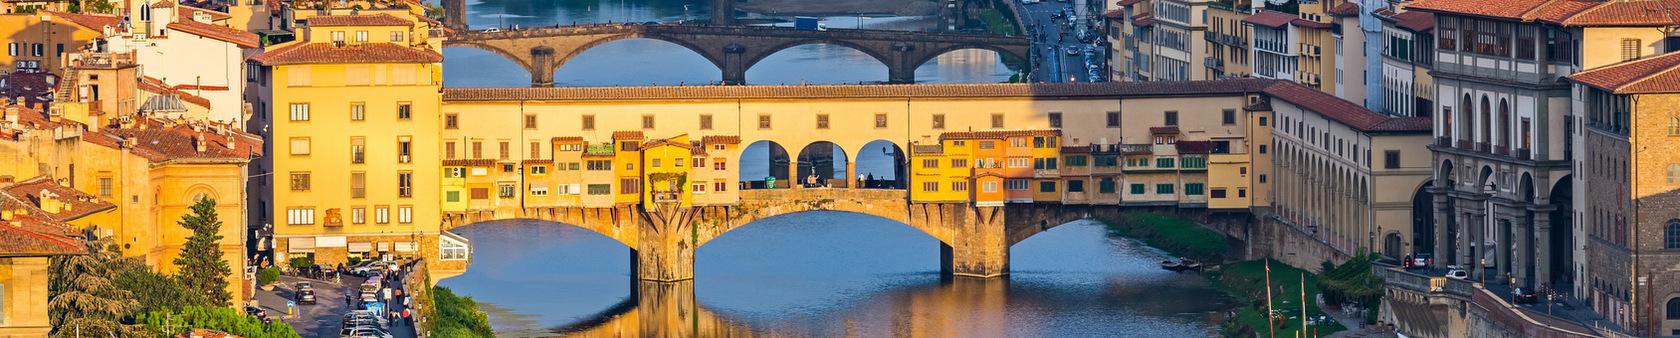 kursy języka włoskiego we Włoszech - Florencja